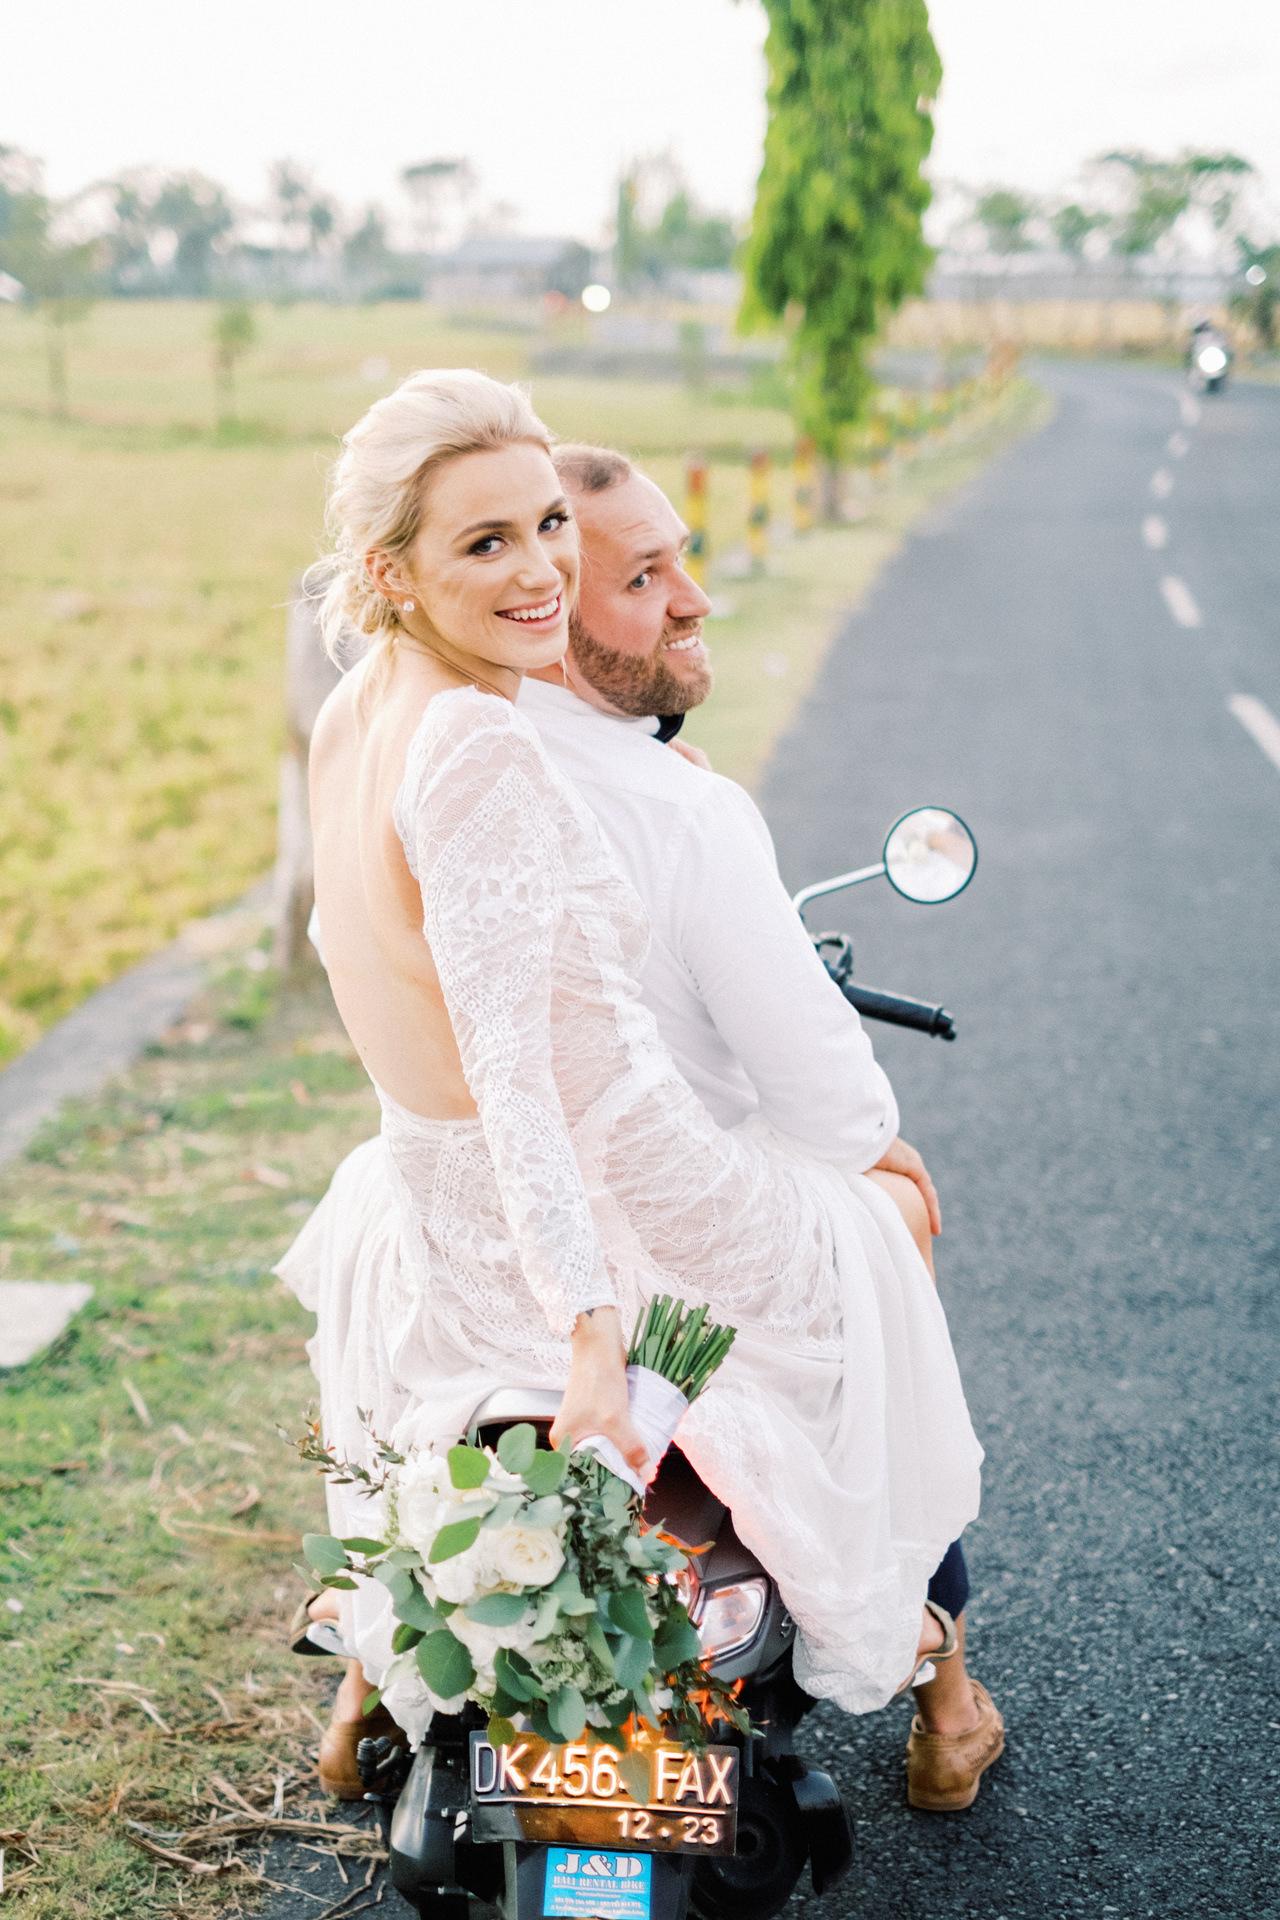 Bali Wedding with Bike